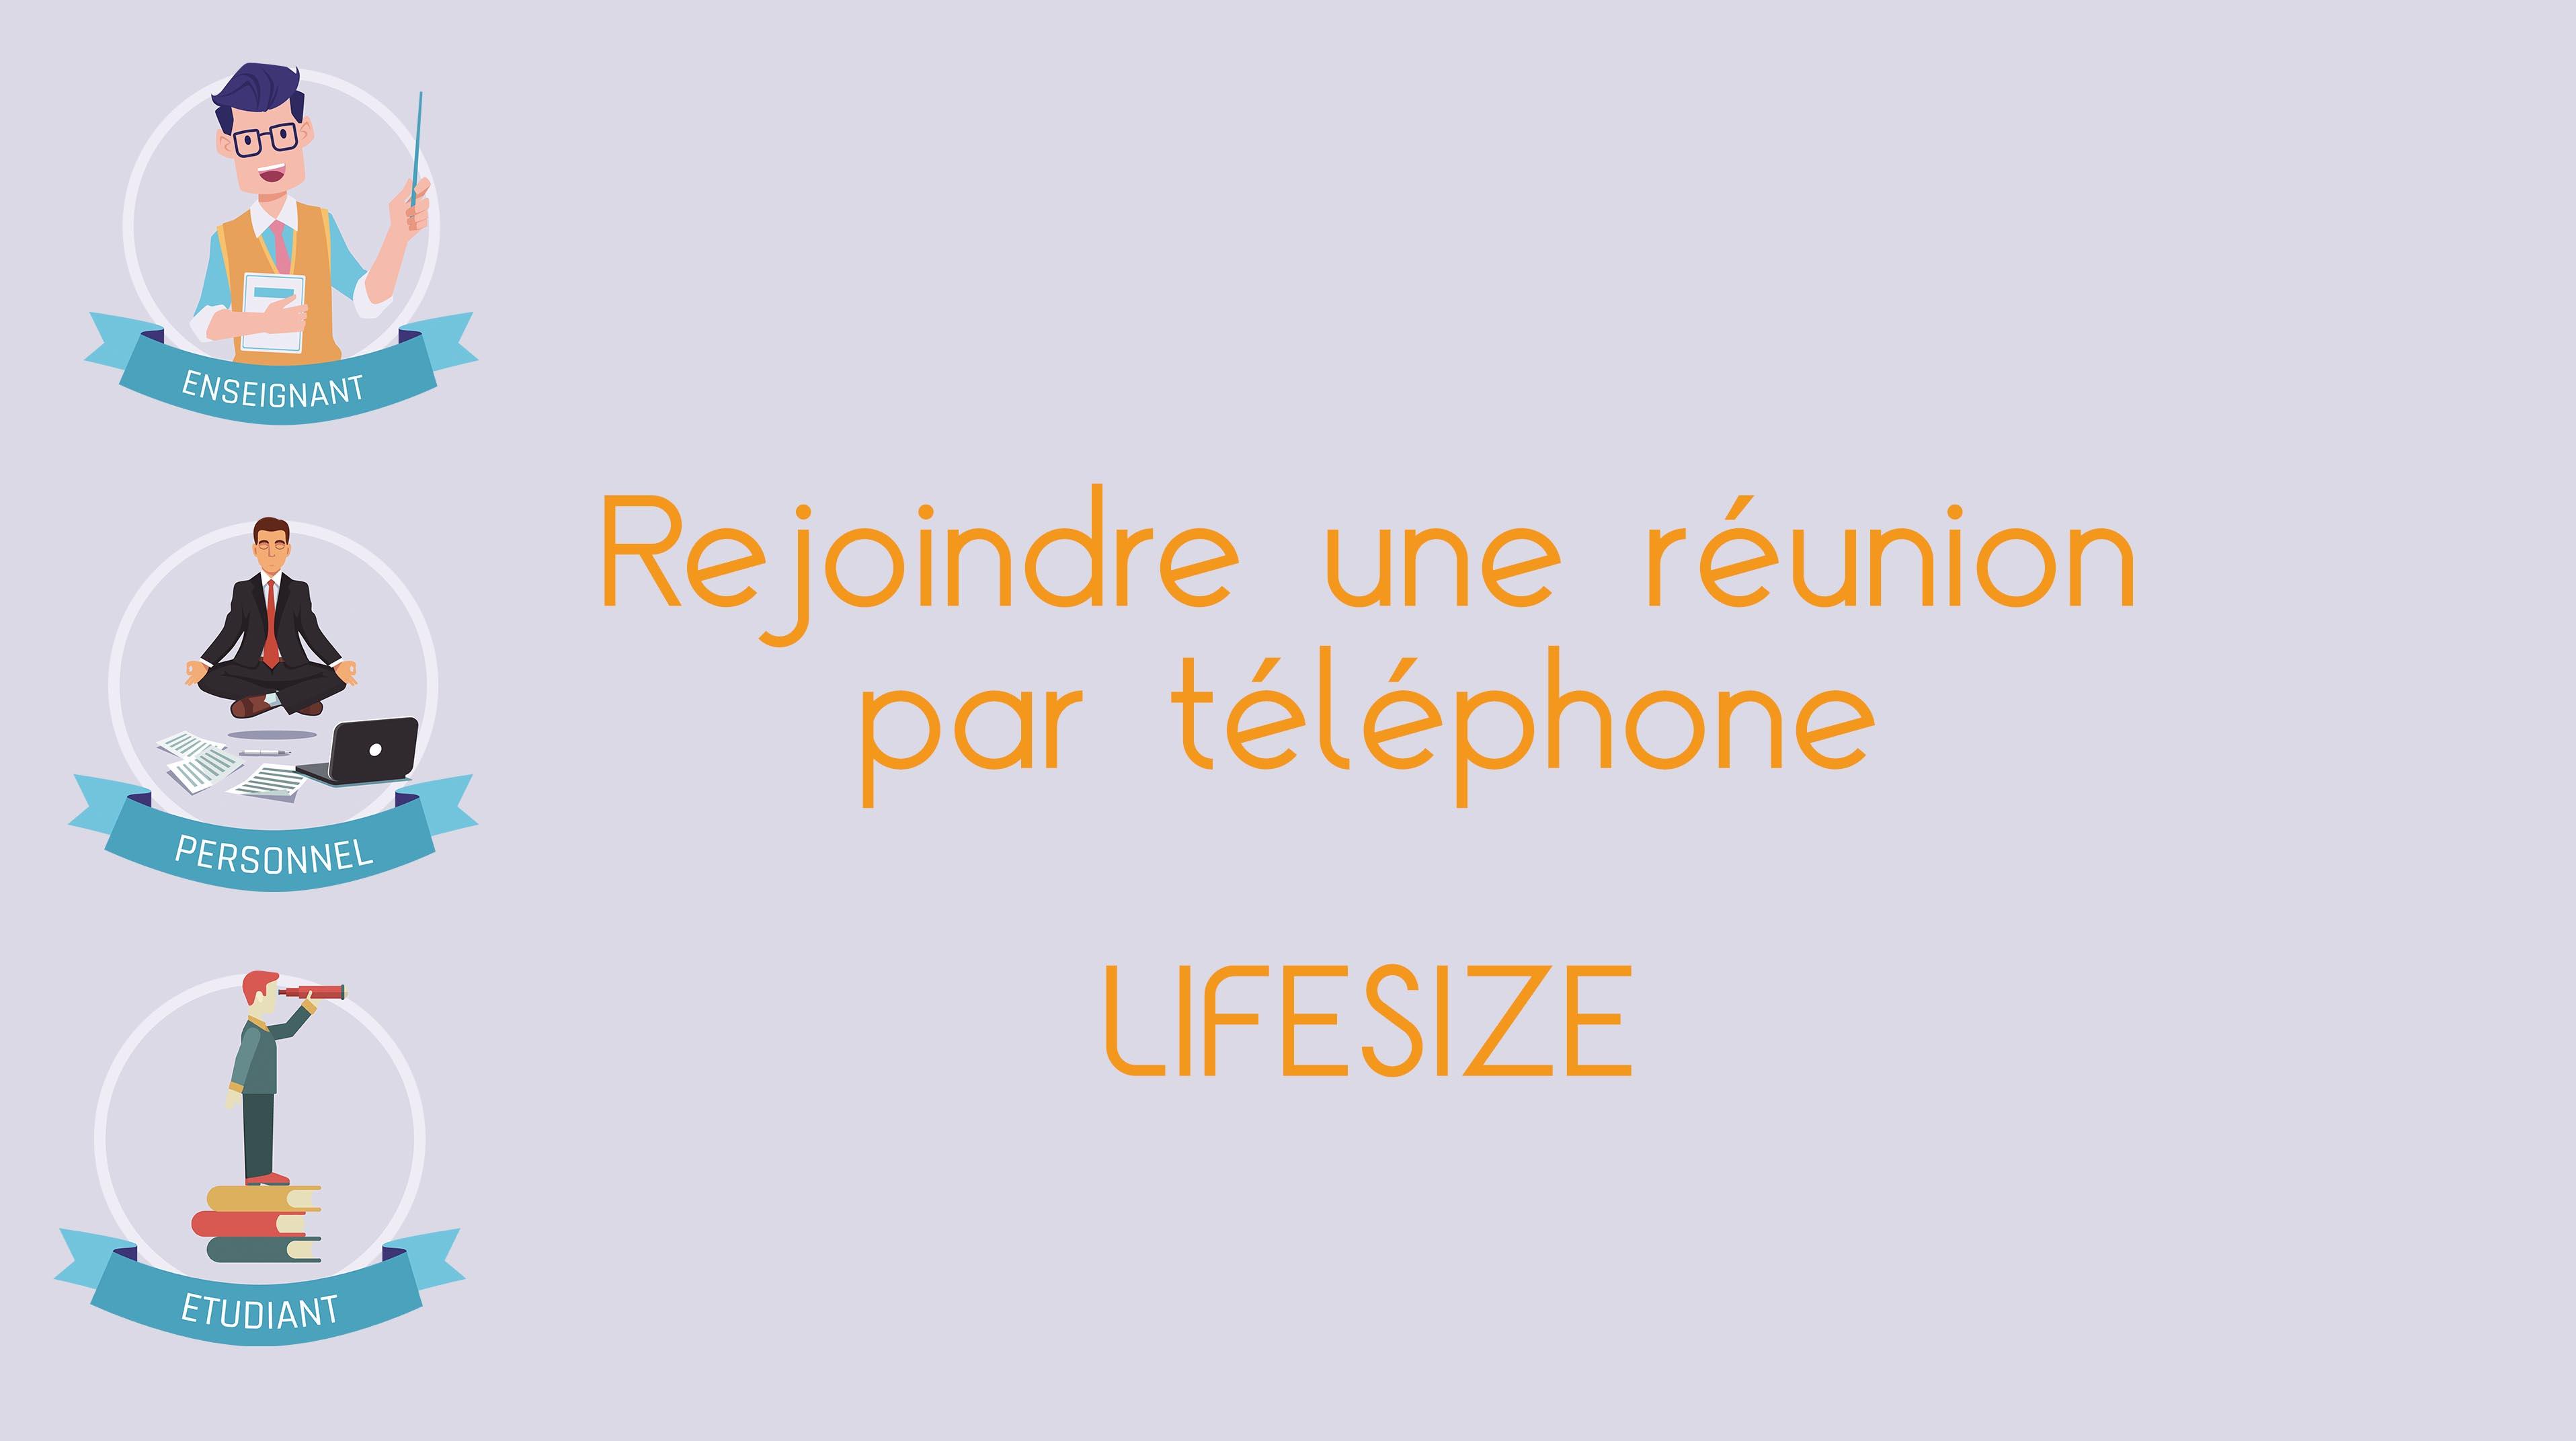 Rejoindre une réunion par téléphone